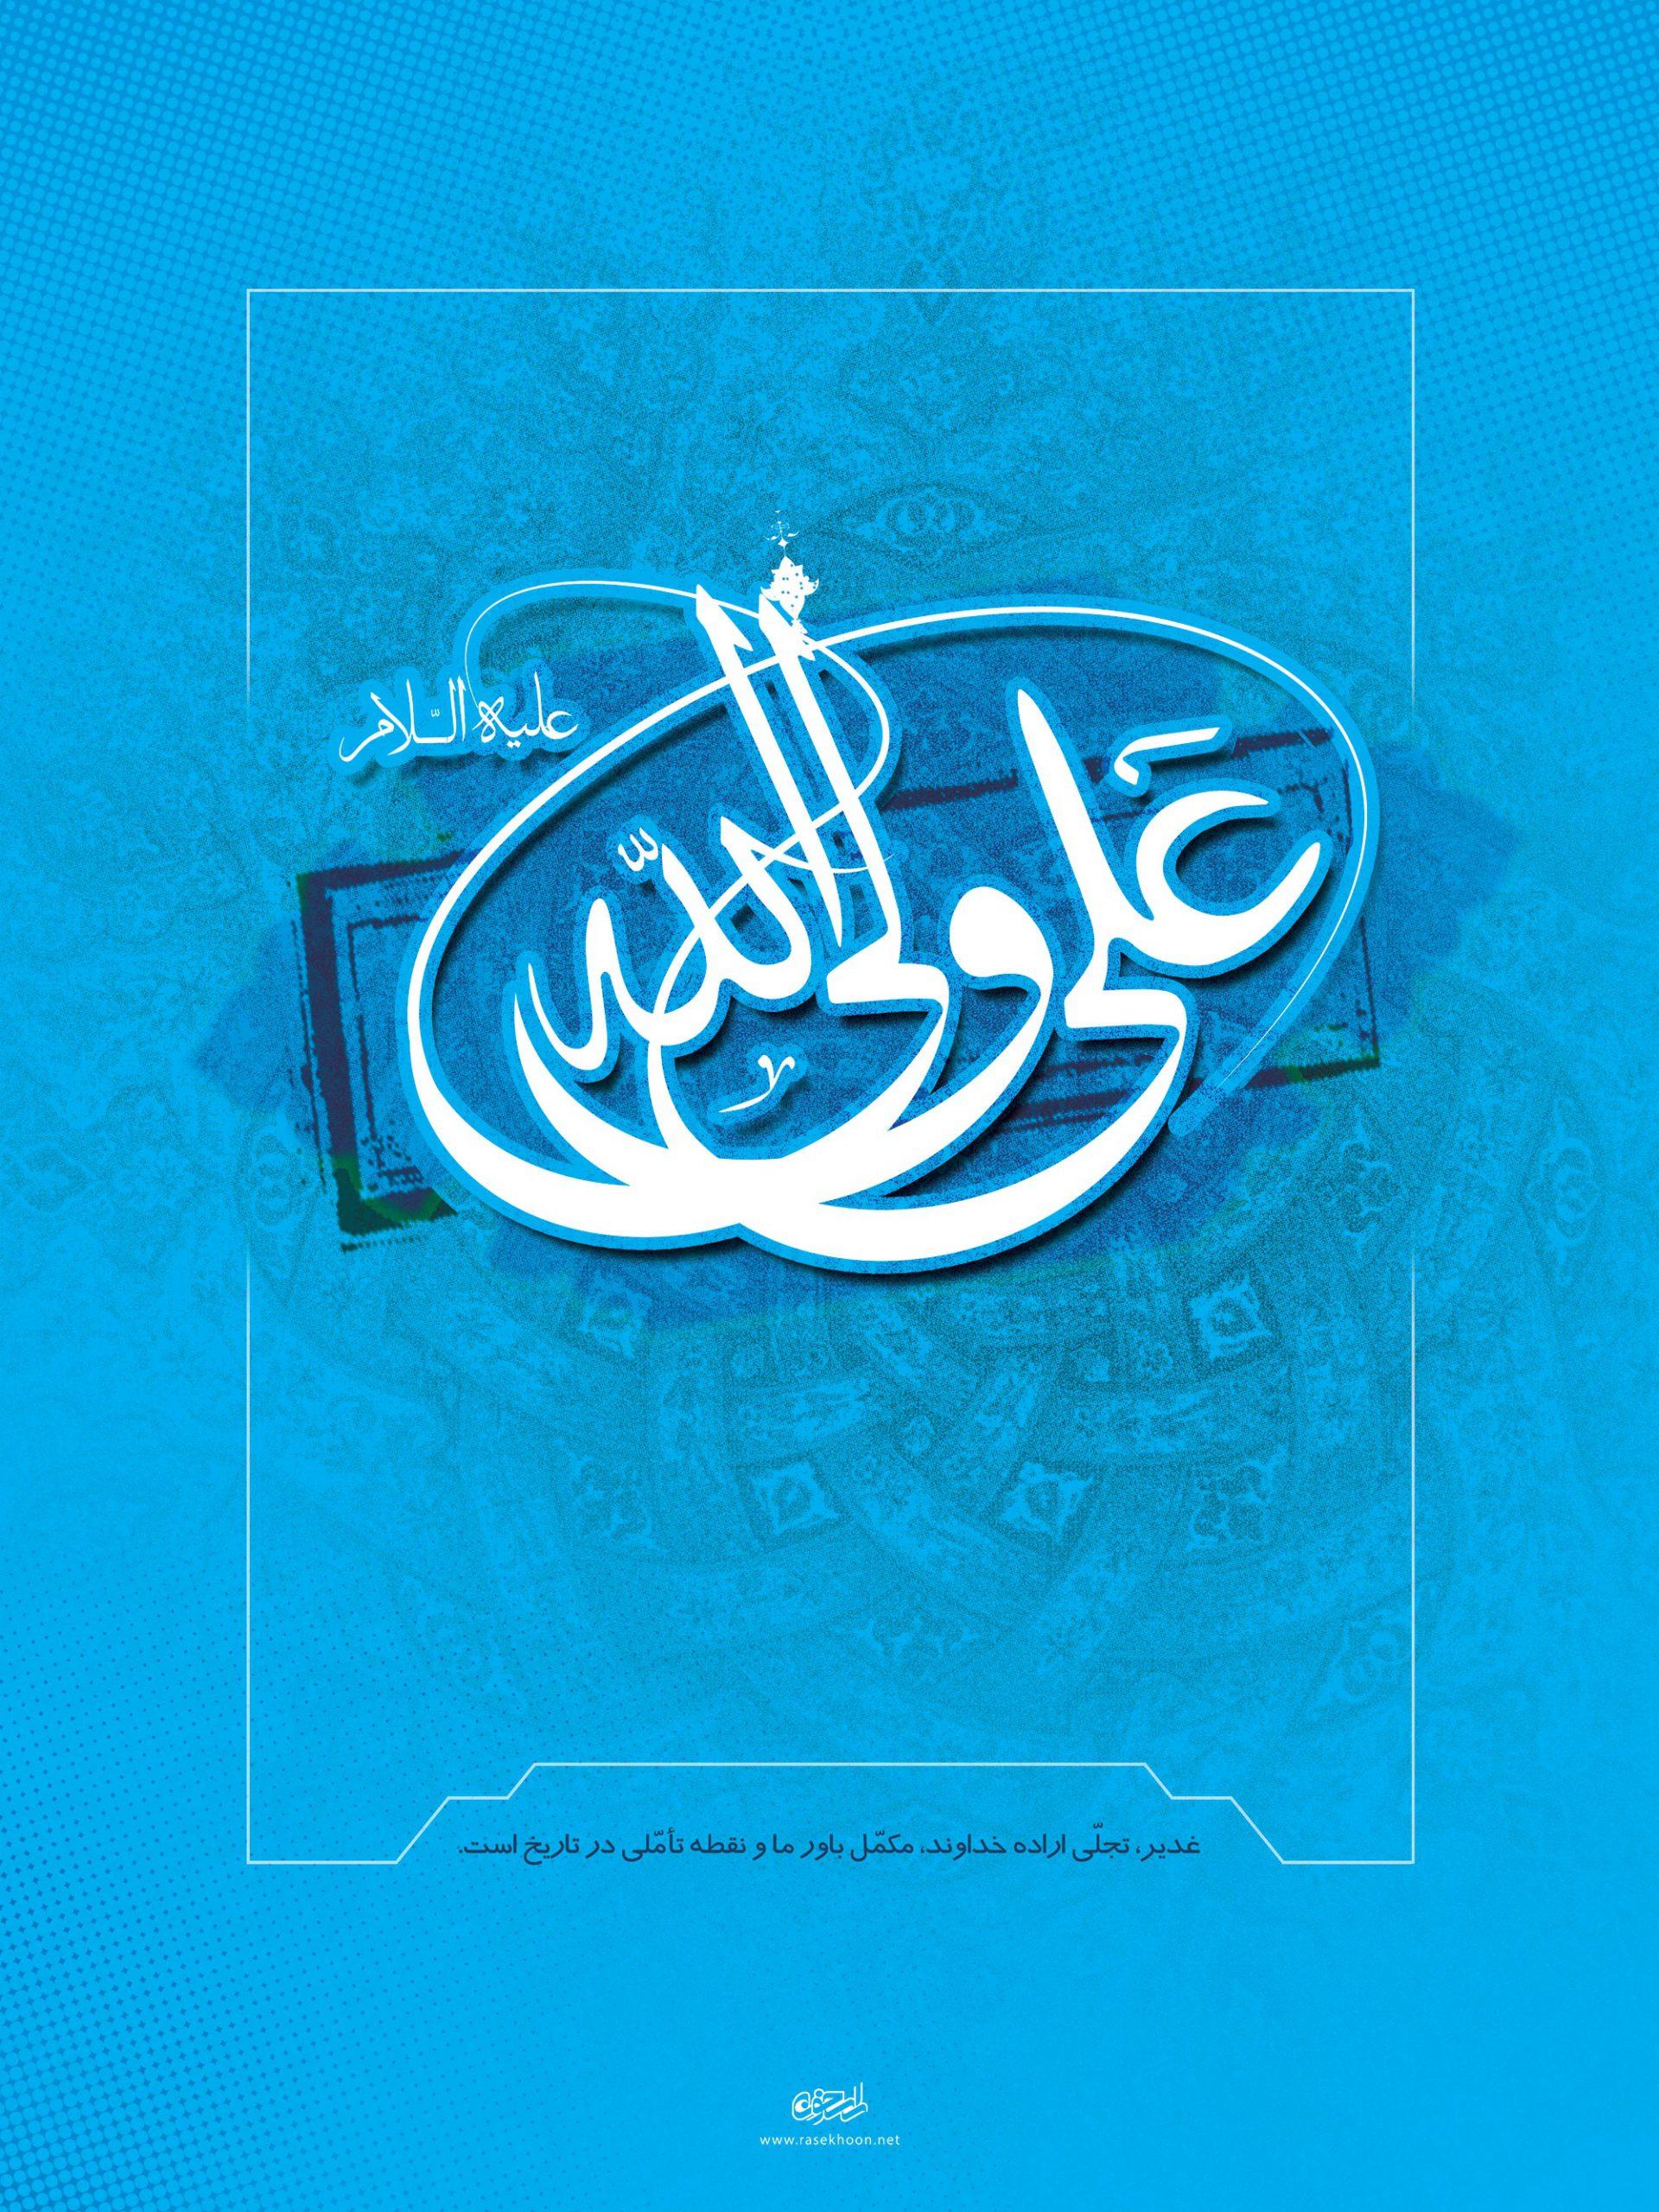 ۱۳رجب ولادت حضرت علی (ع) ویژه نامه ولادت امیرالمومنین علی (ع) poster ghadir scaled